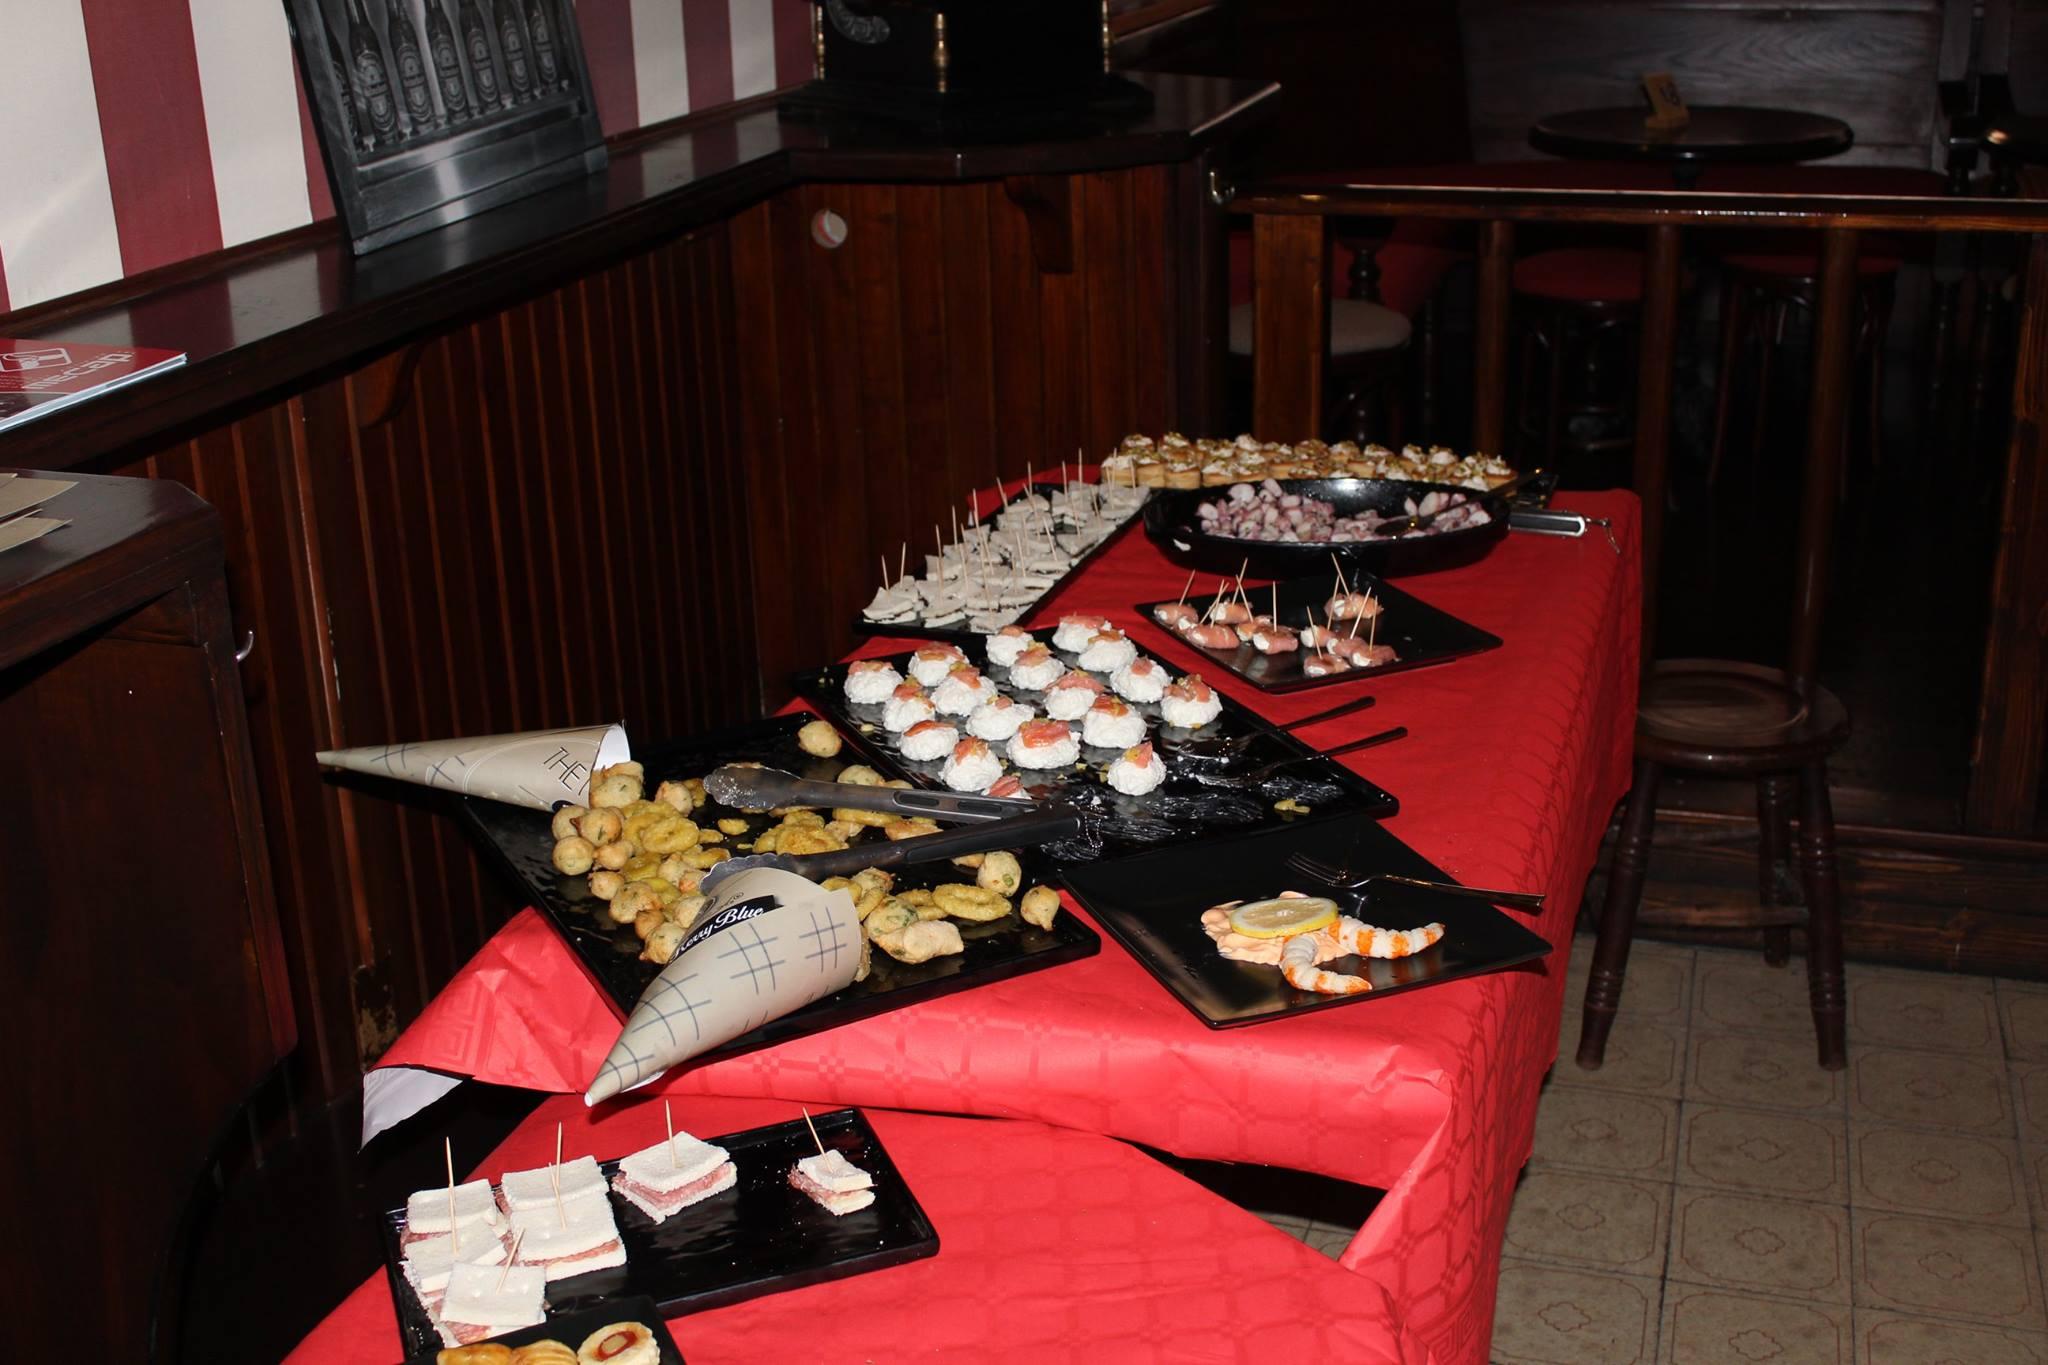 delle tartine, tramezzini, gamberi e altre specialità'